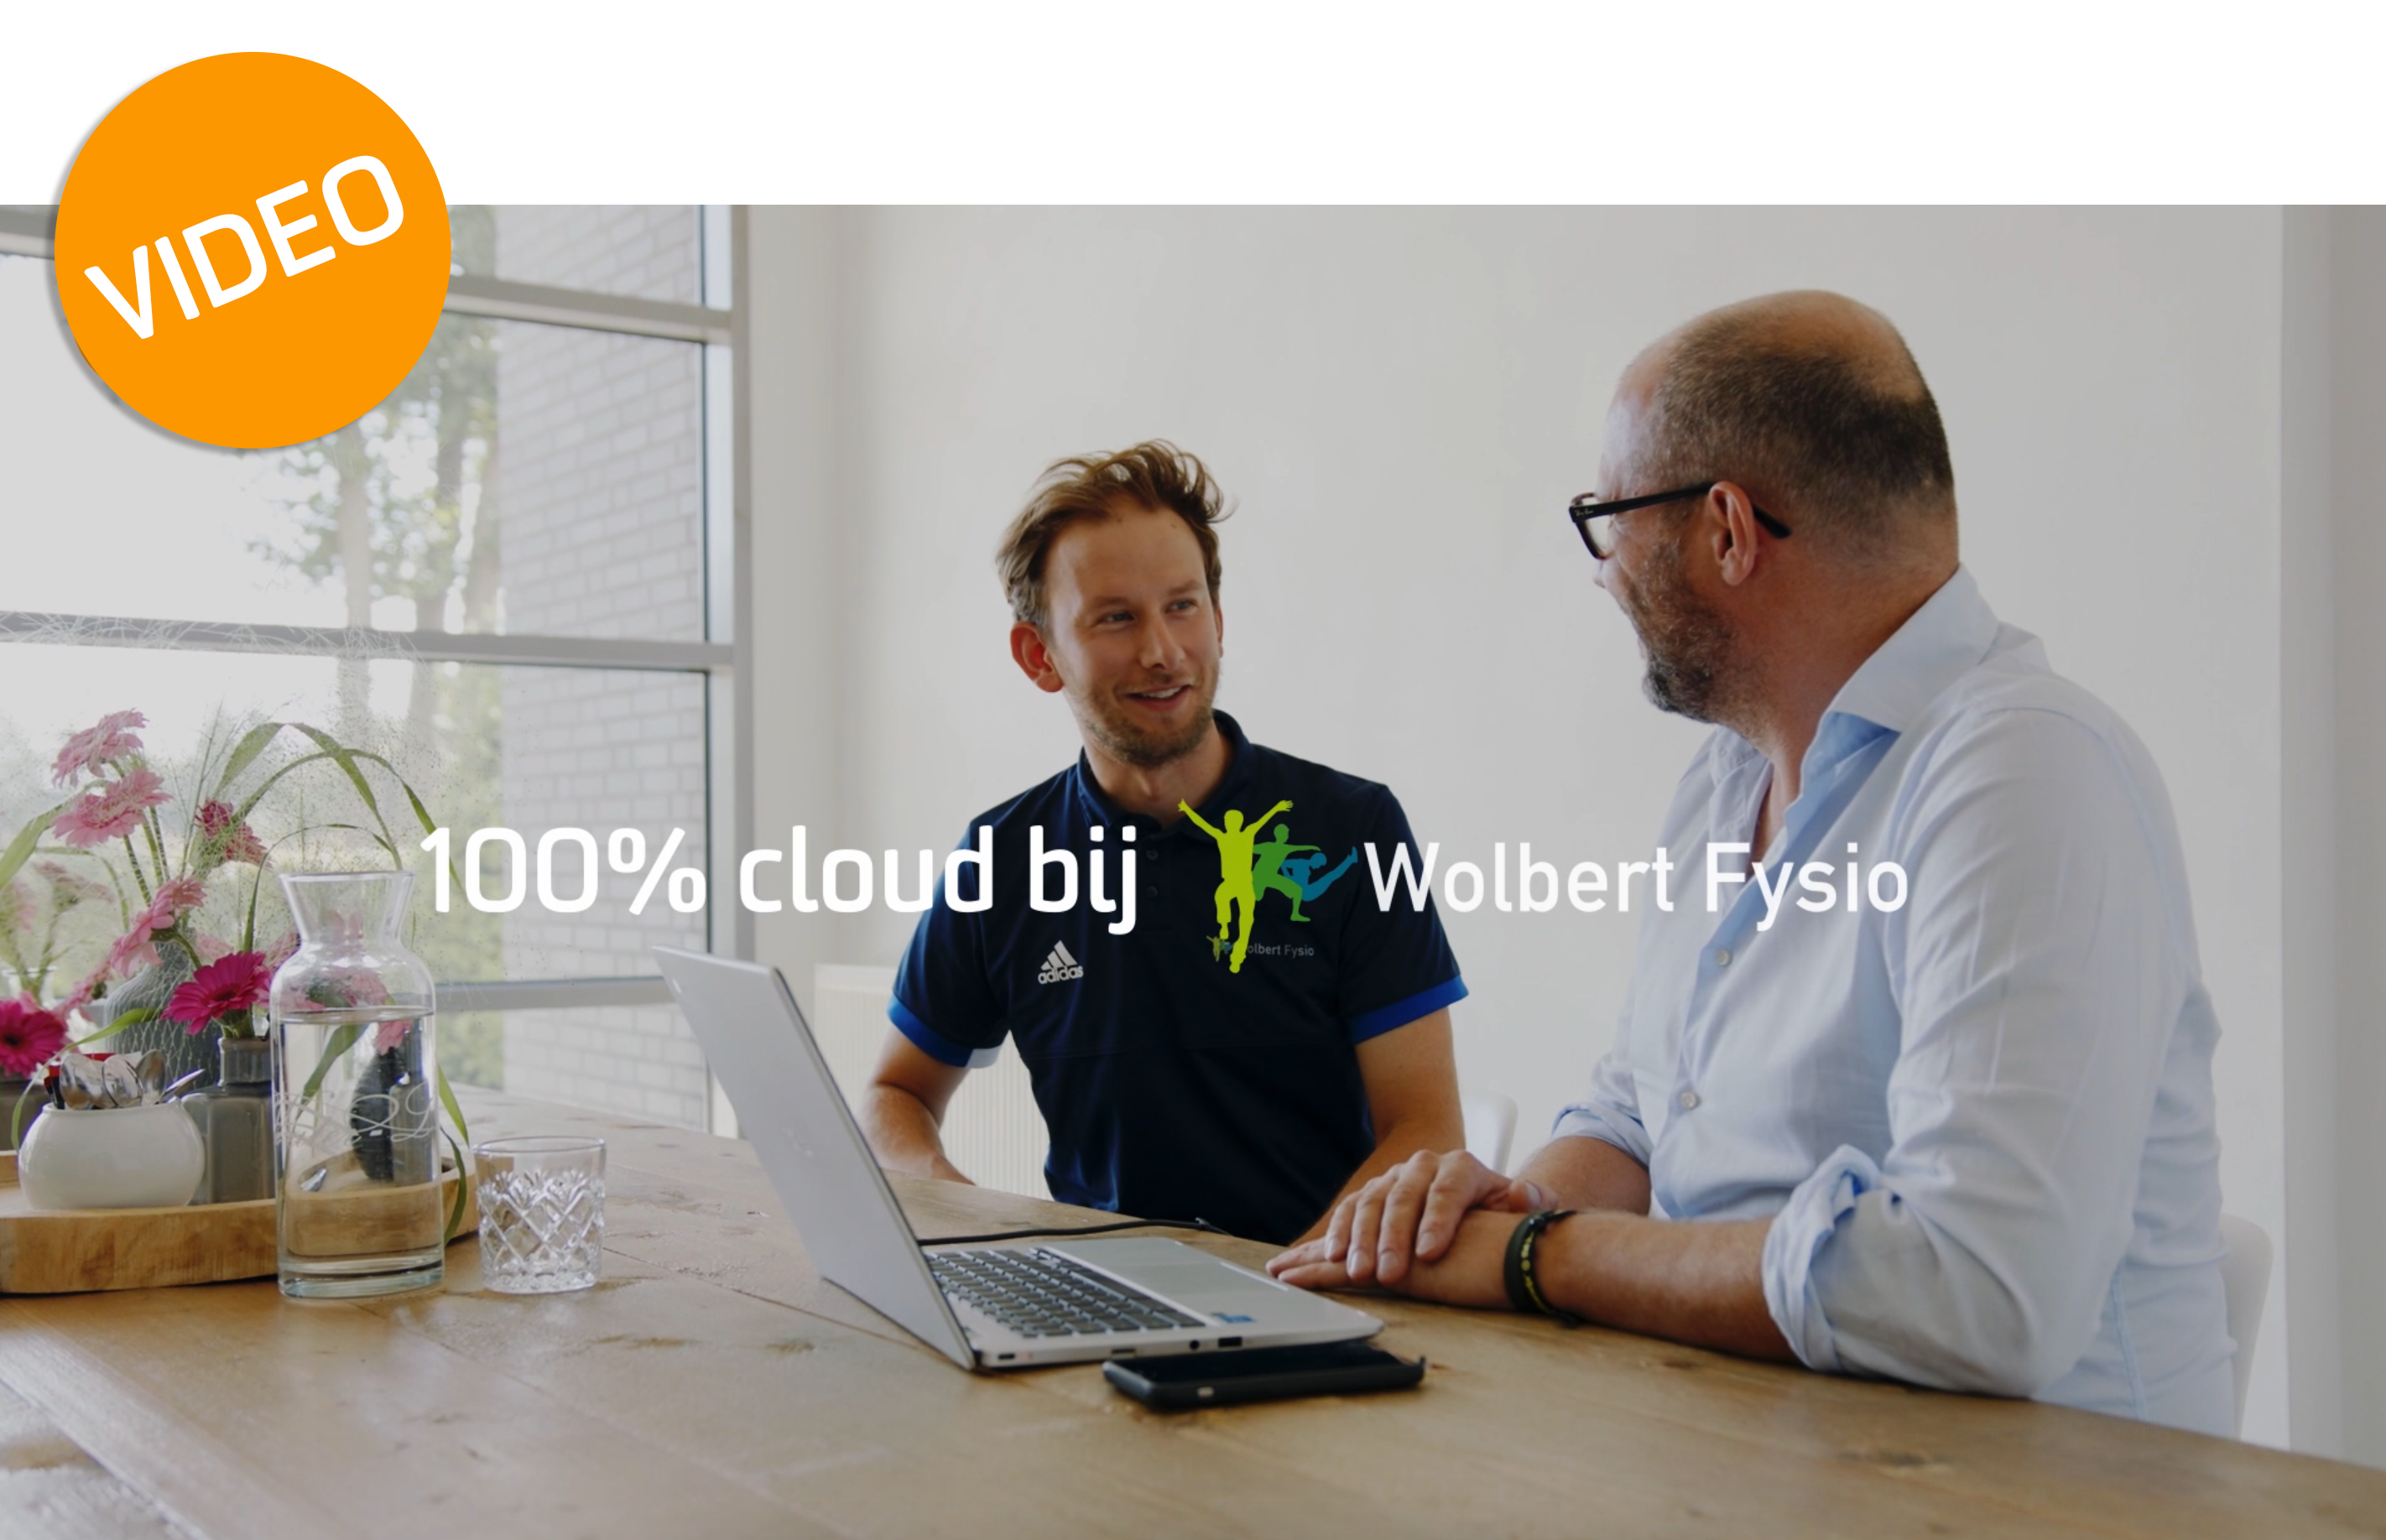 Bas Wolbert en Thijs Schamp over 100% cloud